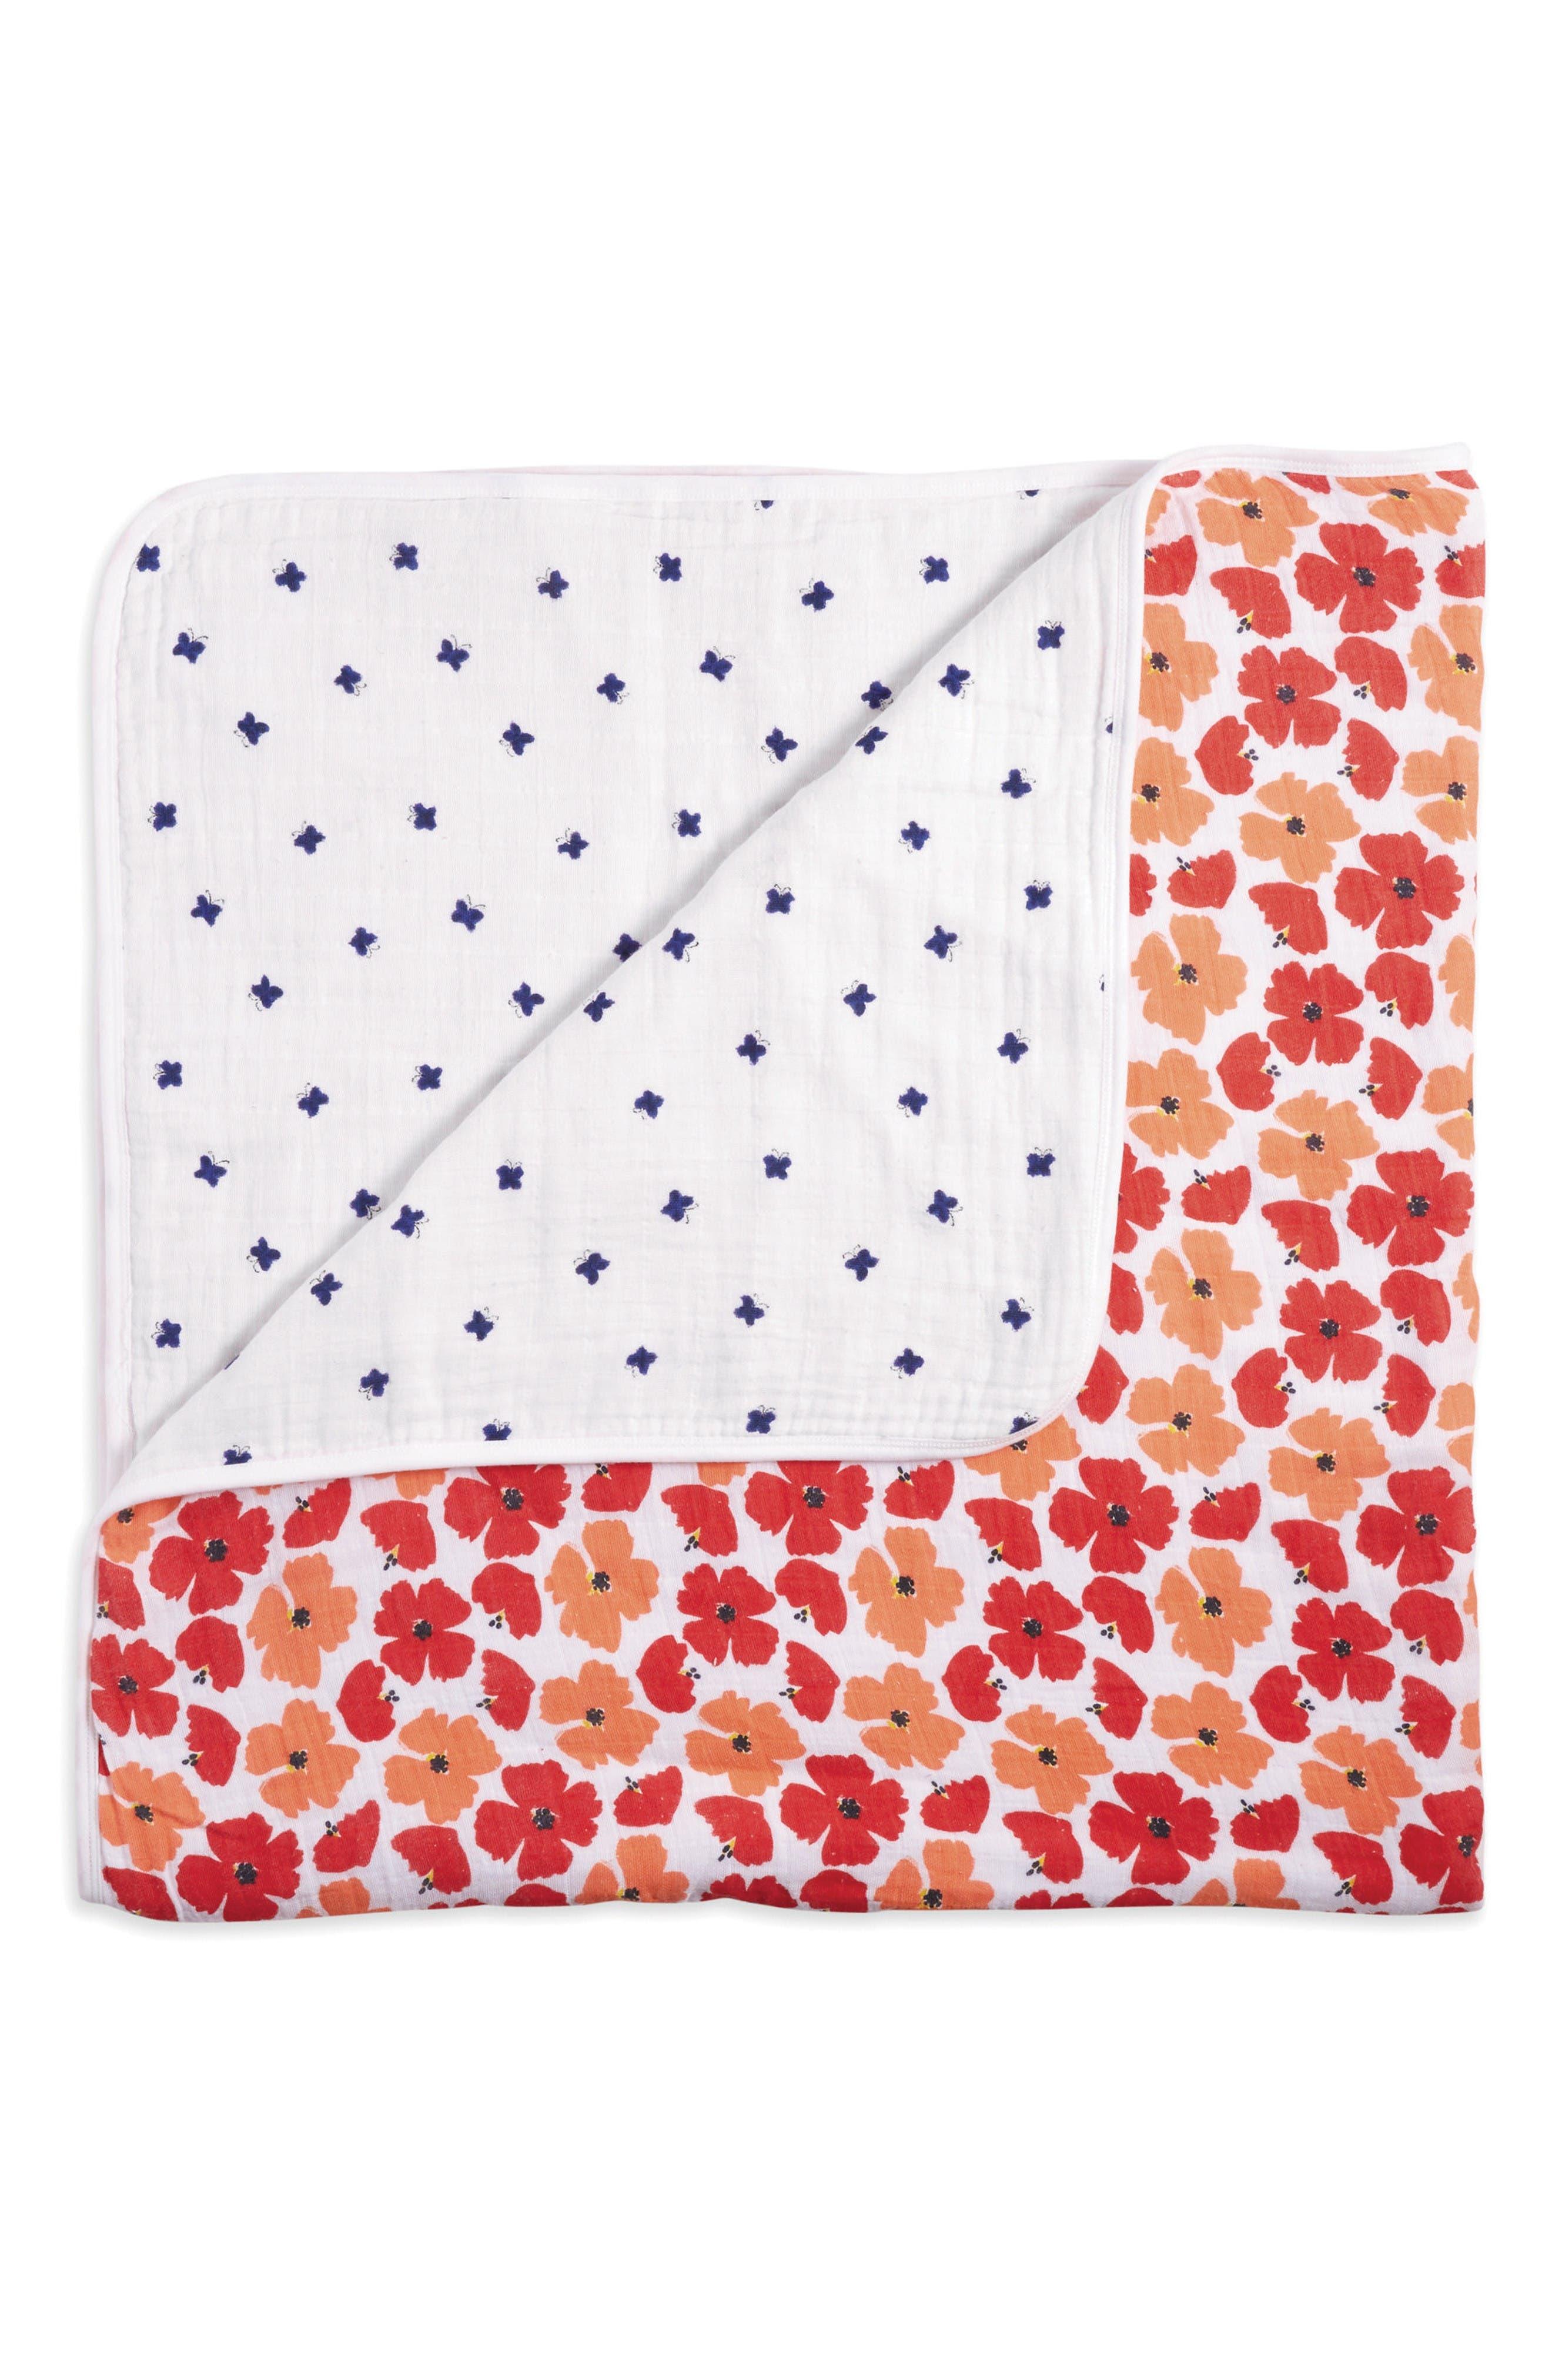 aden + anais Dream Blanket™